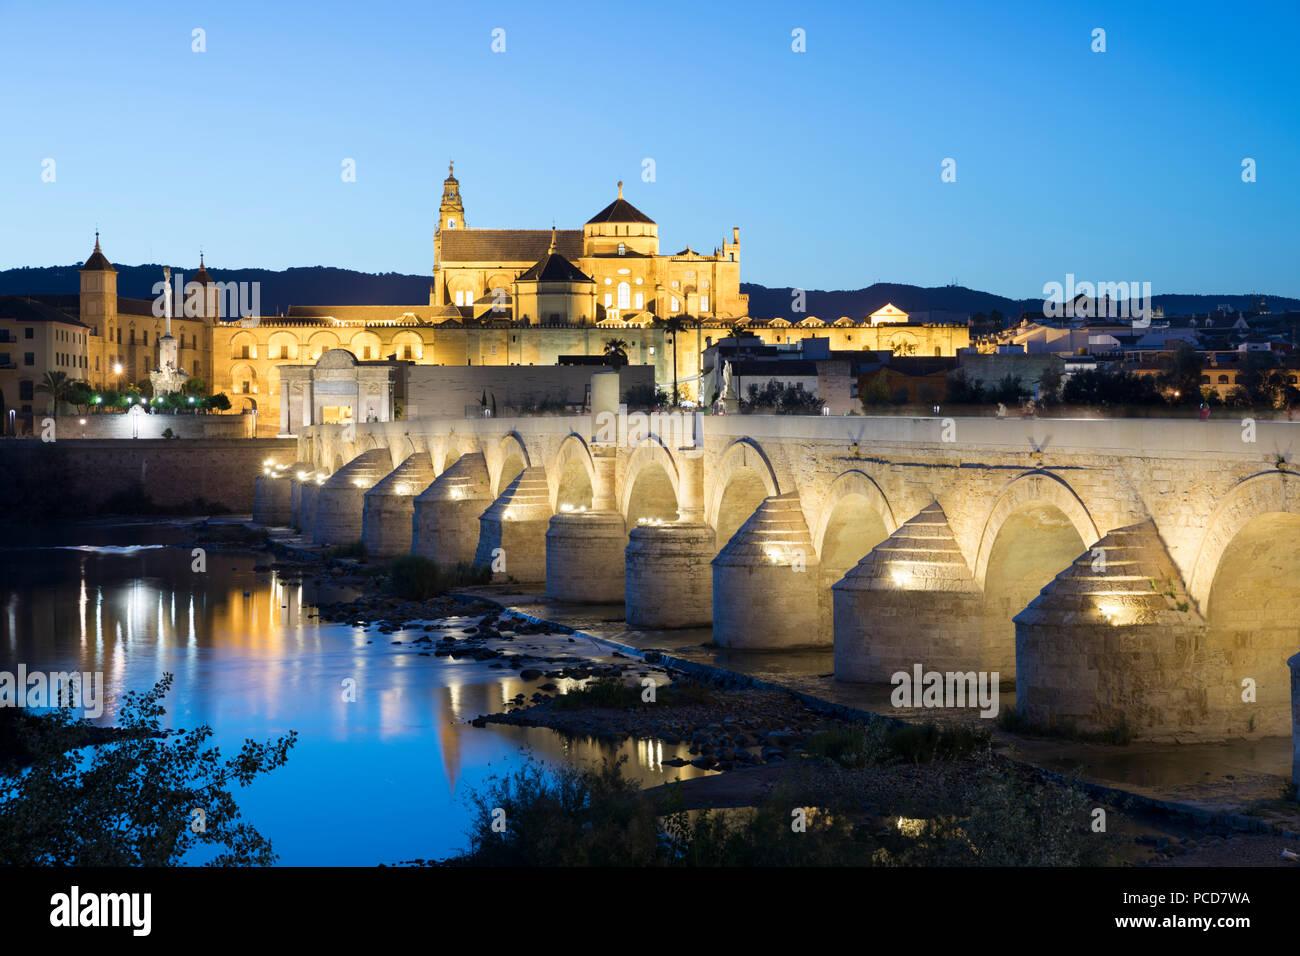 La mezquita y el puente romano sobre el río Guadalquivir iluminadas por la noche, Córdoba, Andalucía, España, Europa Imagen De Stock